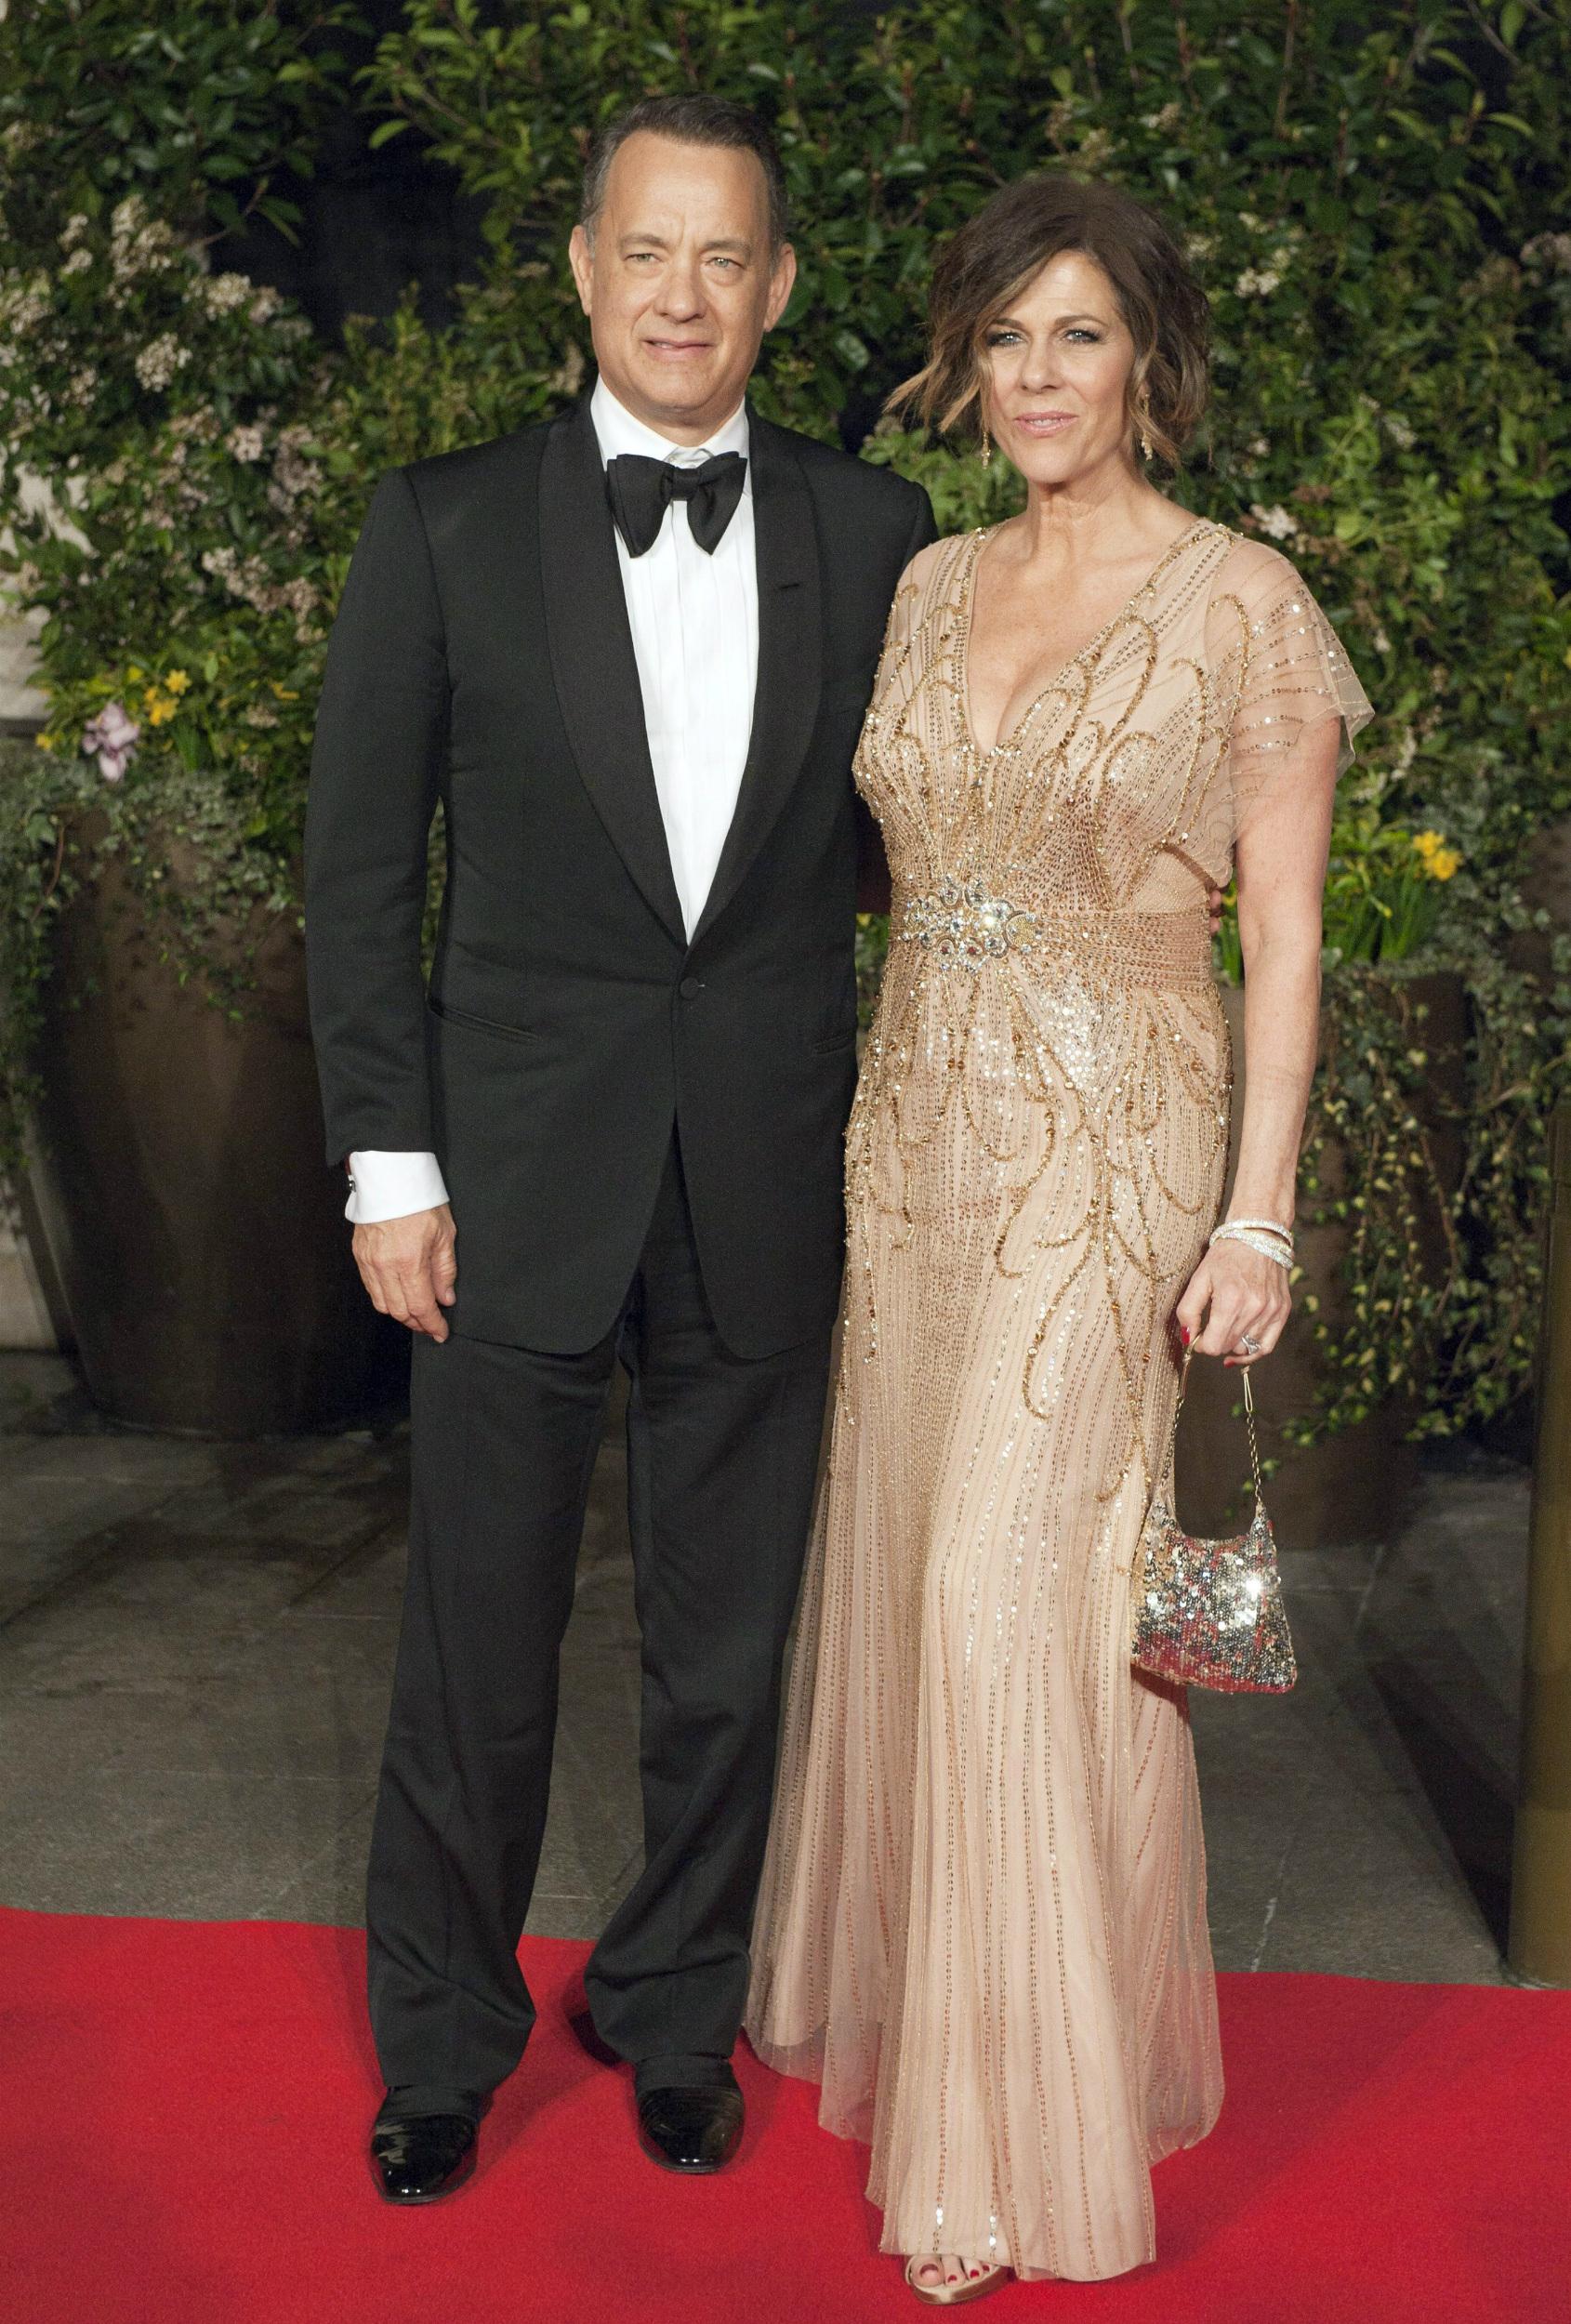 La actriz Rita Wilson, esposa de Tom Hanks, ha superado un cáncer de mama. EFE/EPA/WILL OLIVER